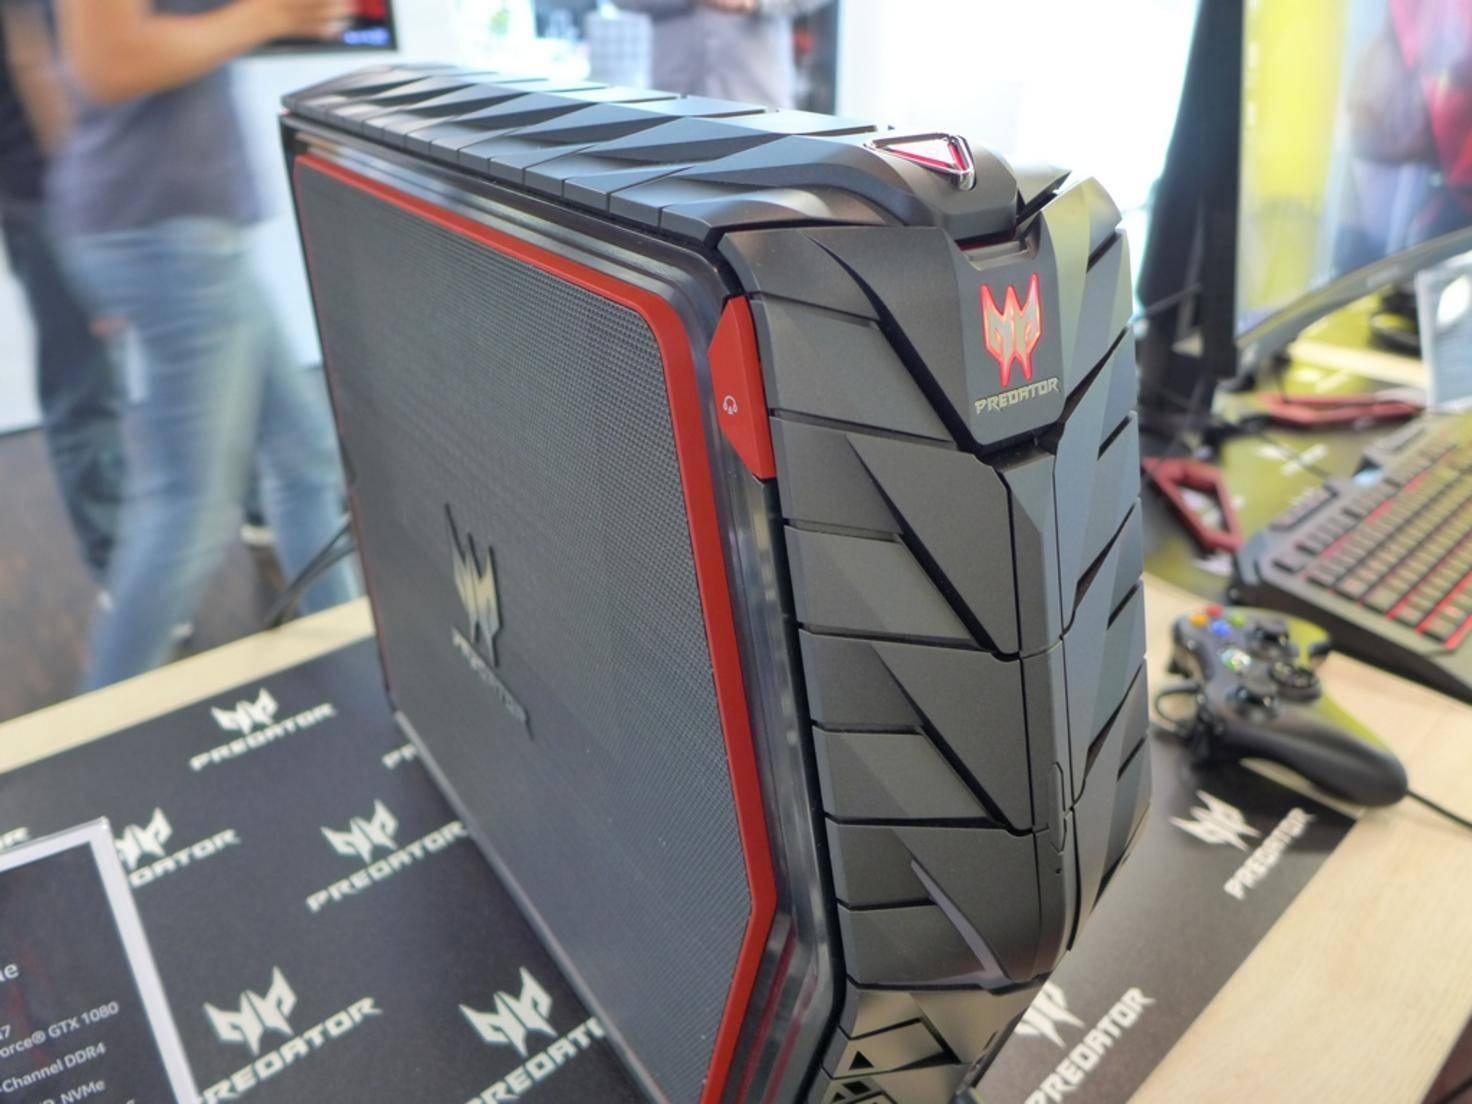 Der Predator G1 soll 4K-Gaming salonfähig machen.